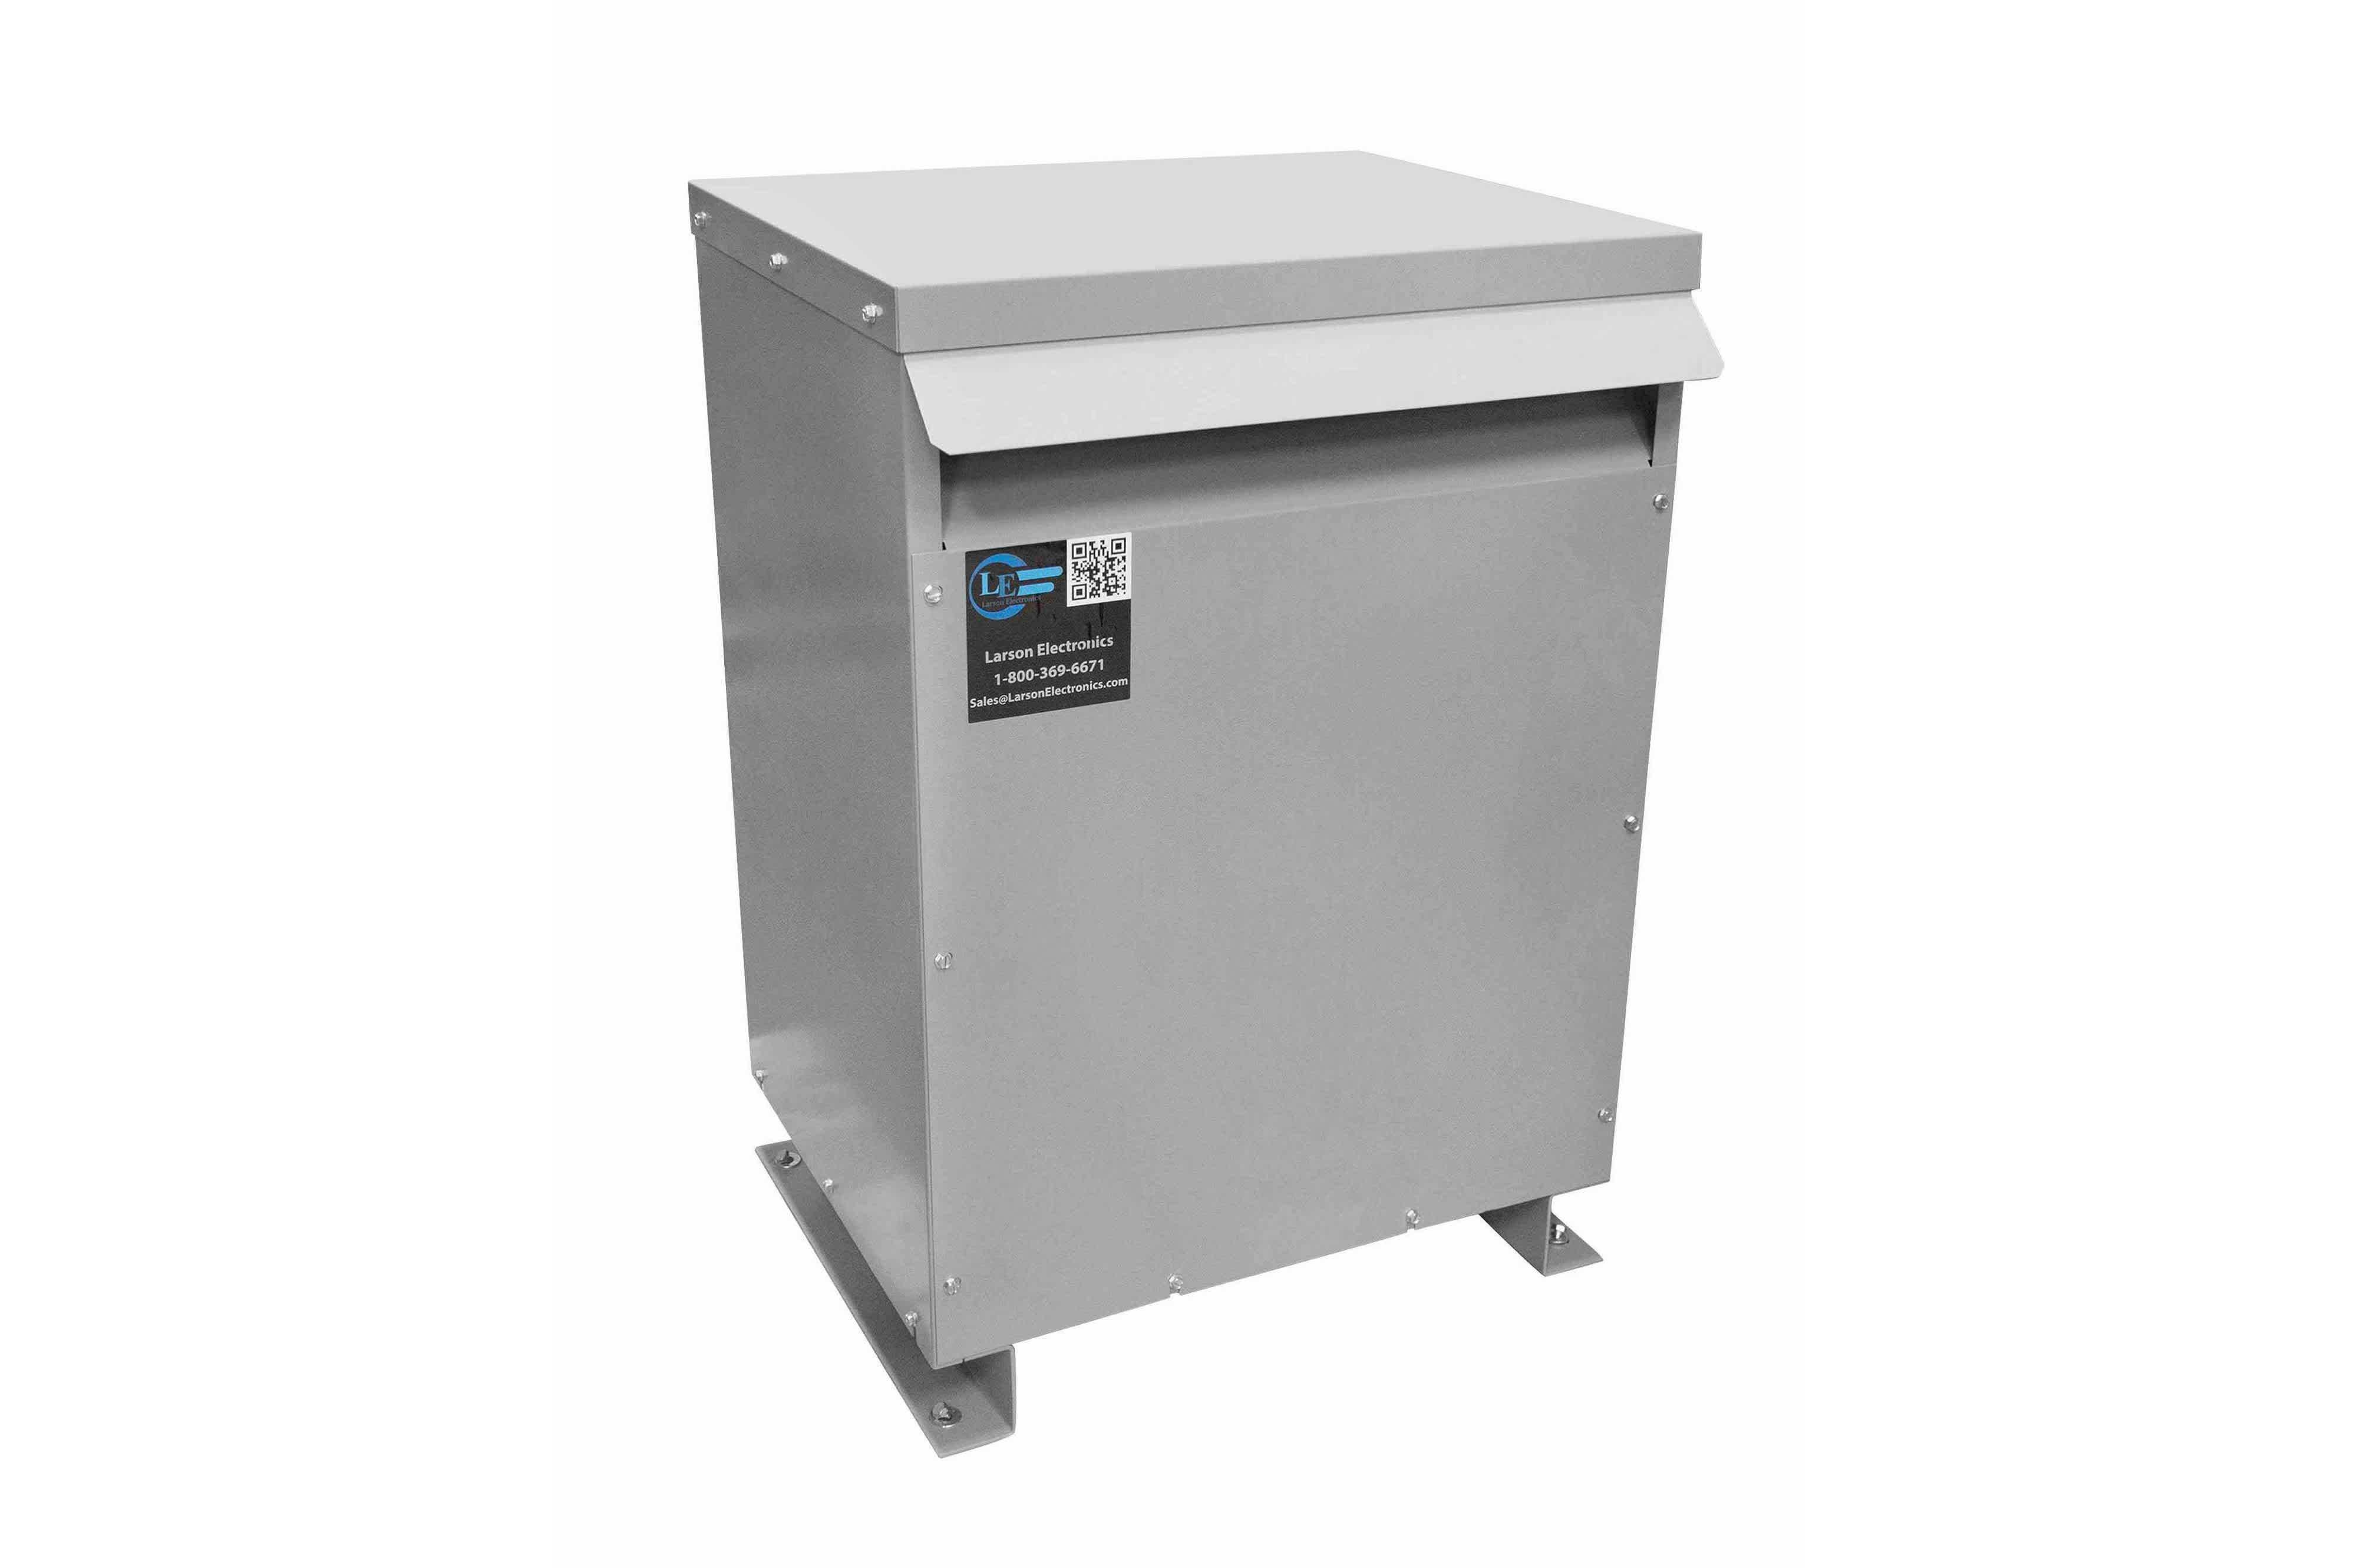 400 kVA 3PH Isolation Transformer, 480V Delta Primary, 480V Delta Secondary, N3R, Ventilated, 60 Hz